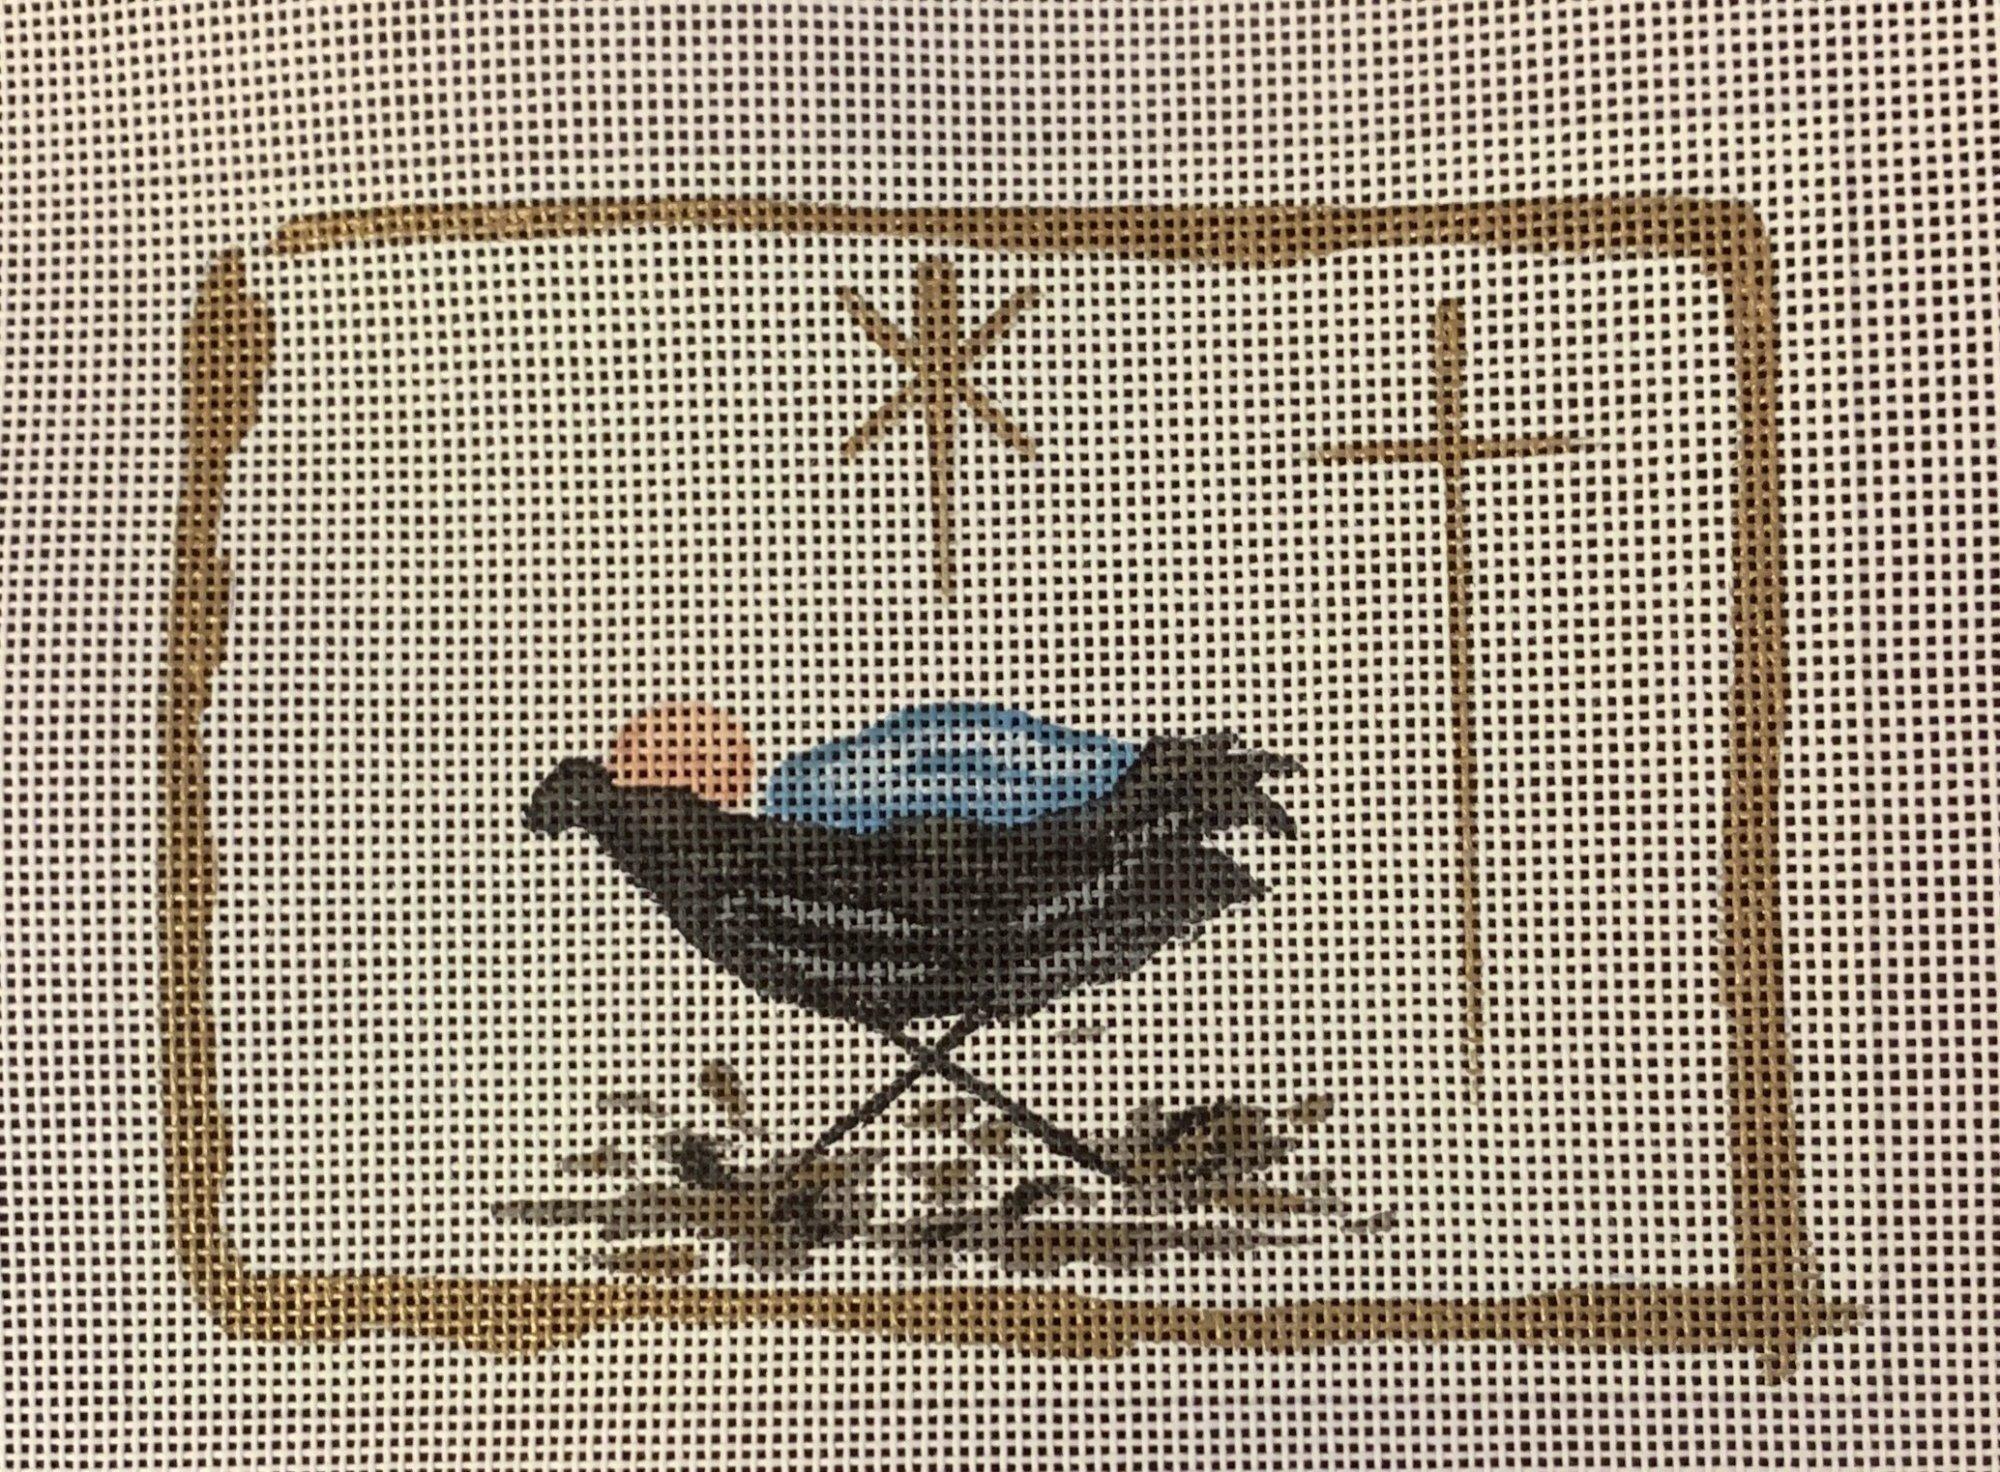 Baby Jesus w/ Stitch Guide